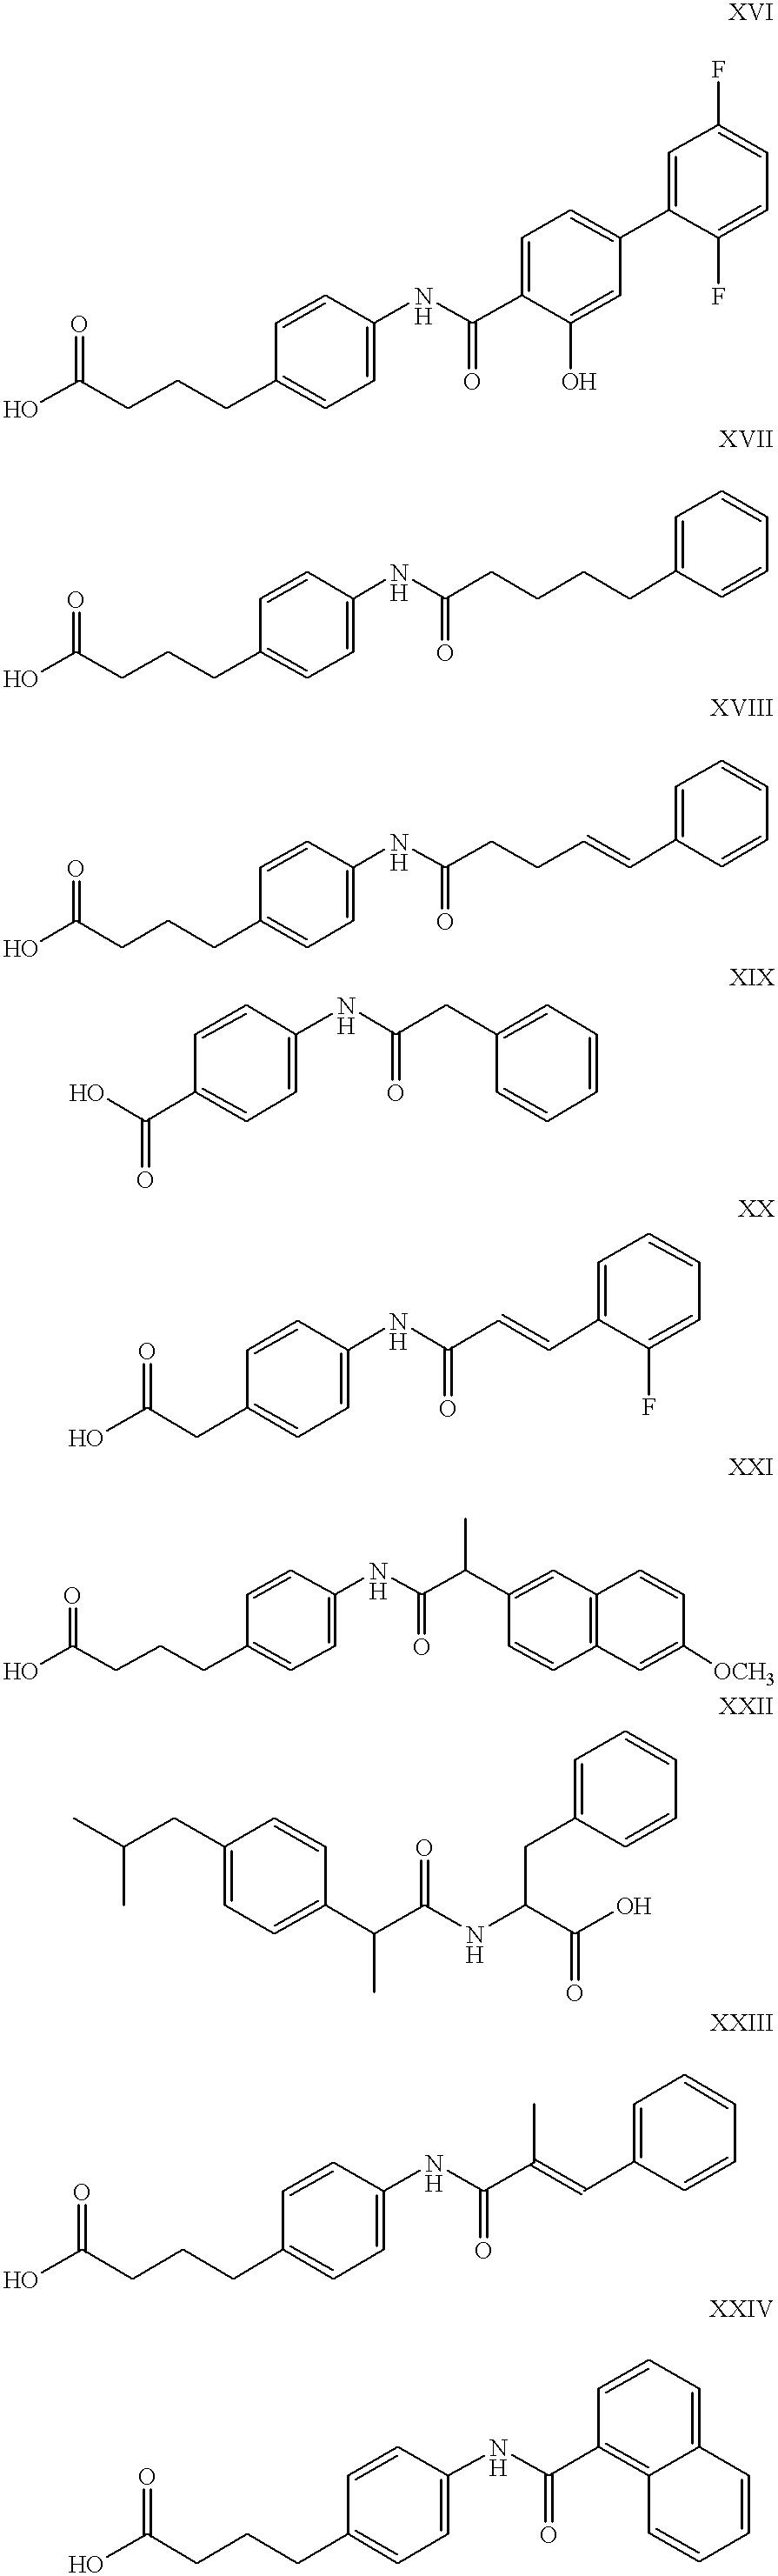 Figure US06221367-20010424-C00009